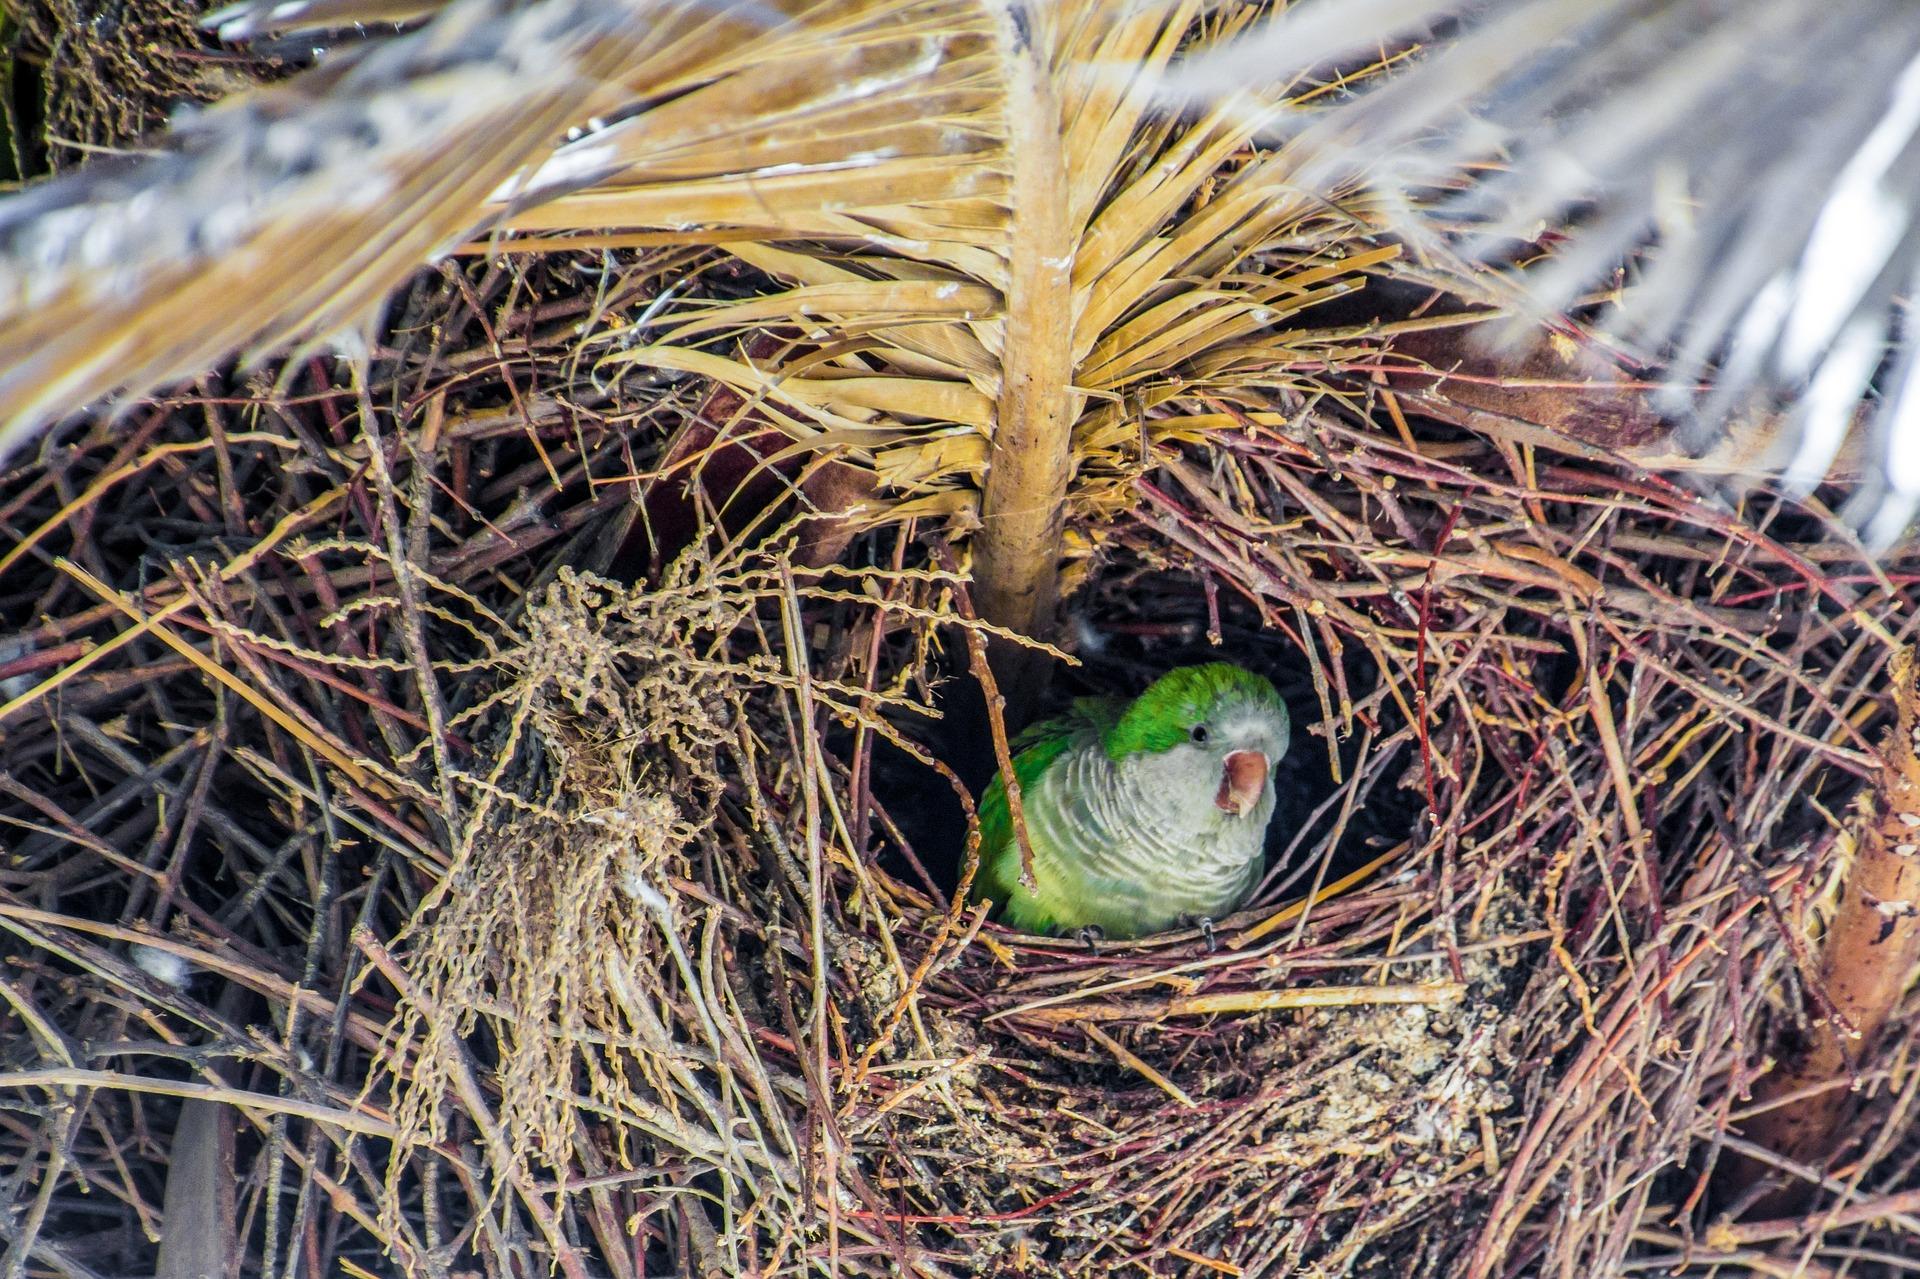 nest-1699356_1920.jpg